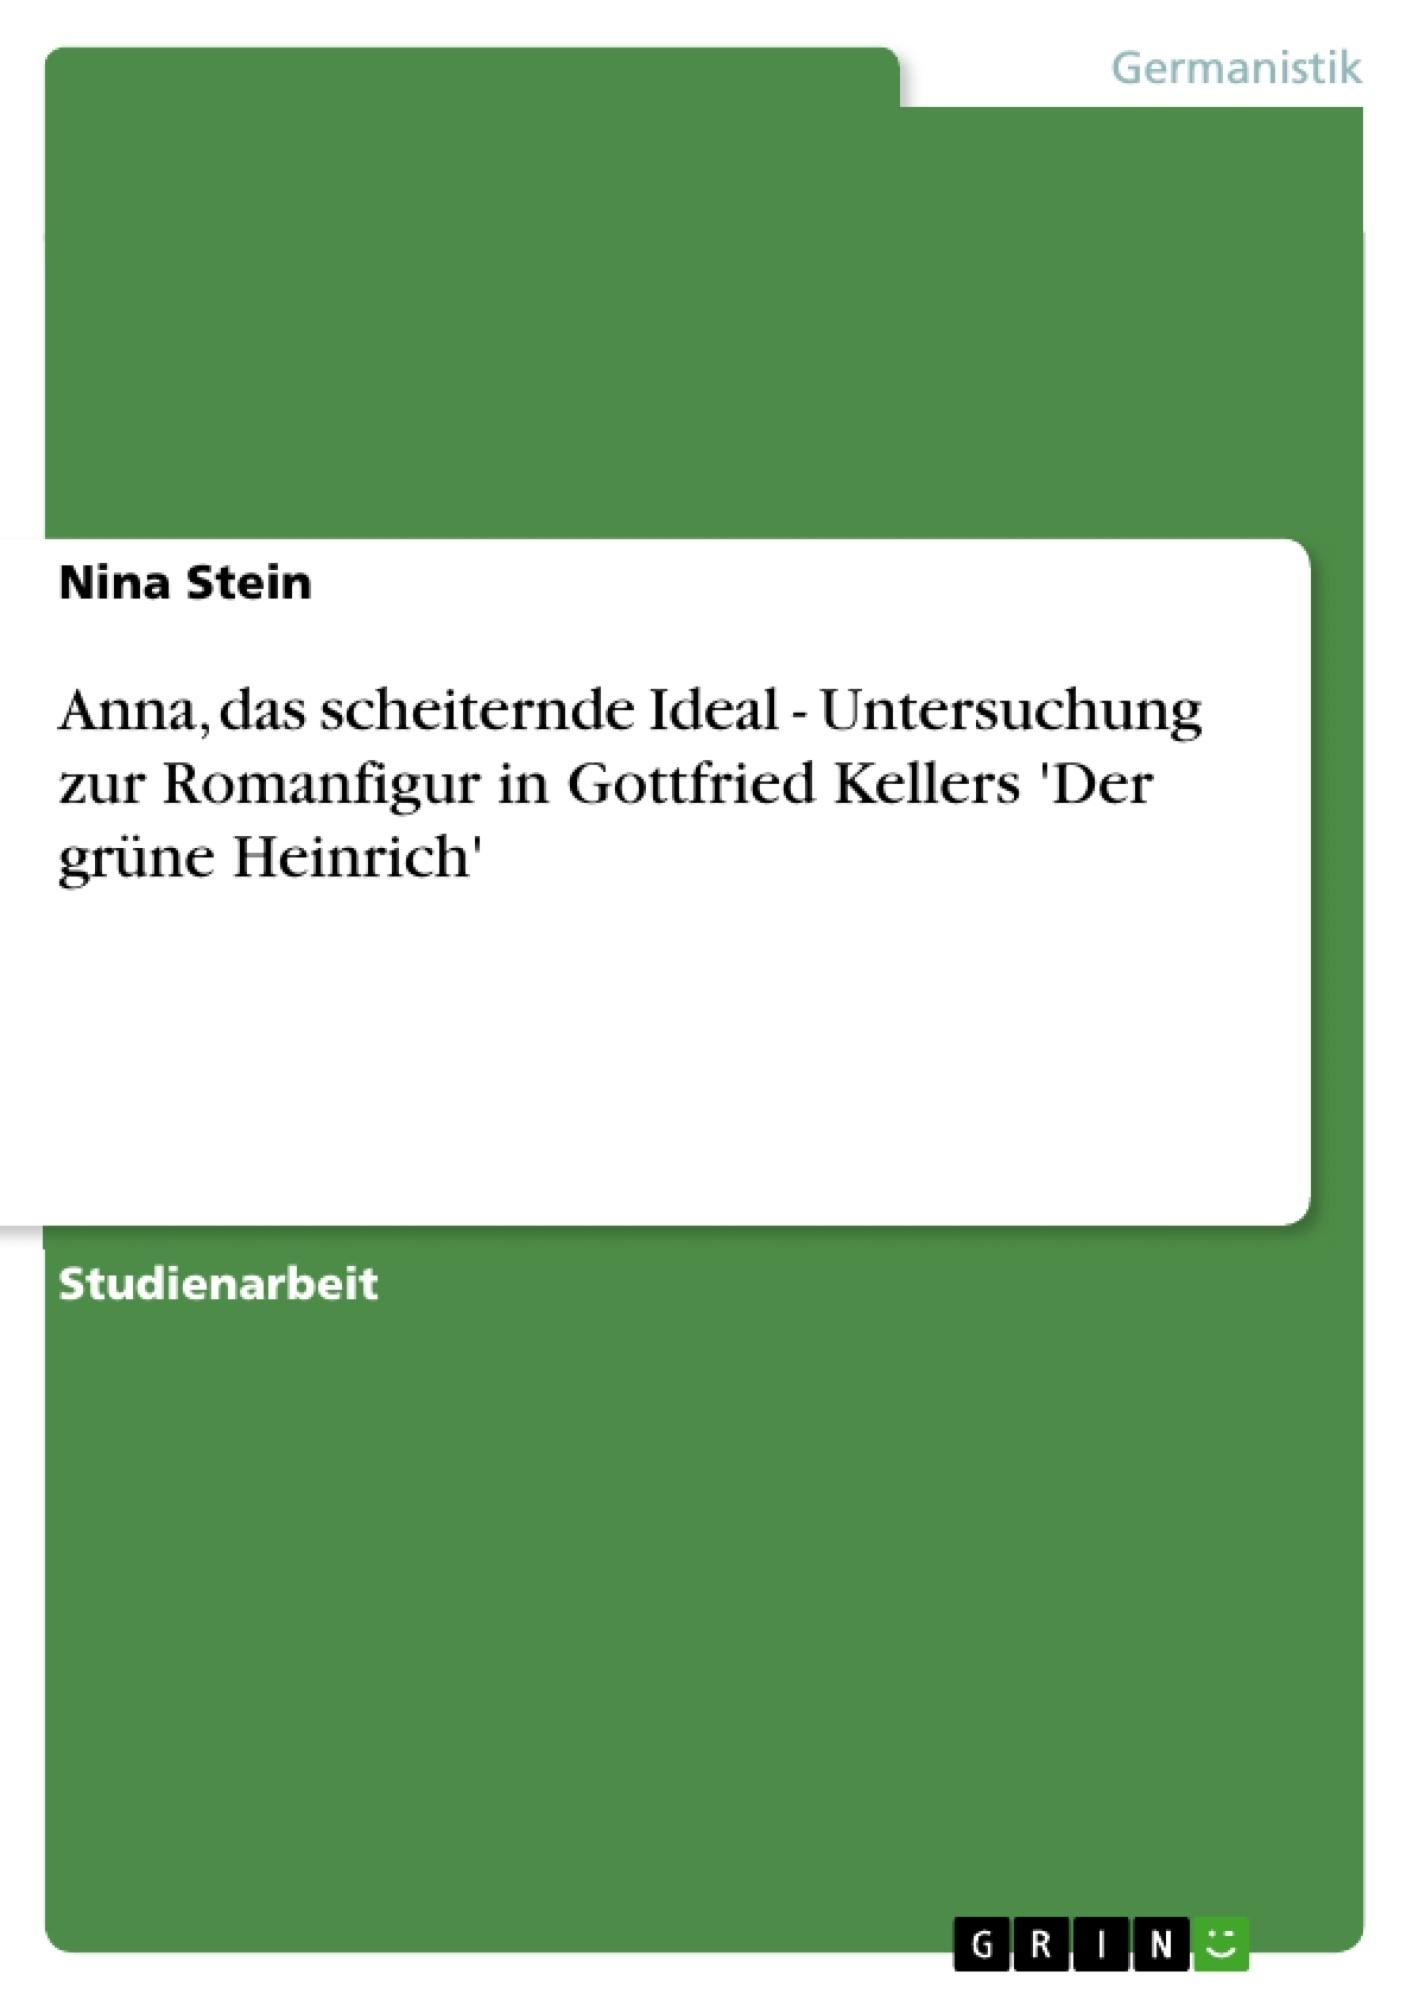 Titel: Anna, das scheiternde Ideal - Untersuchung zur Romanfigur in Gottfried Kellers 'Der grüne Heinrich'